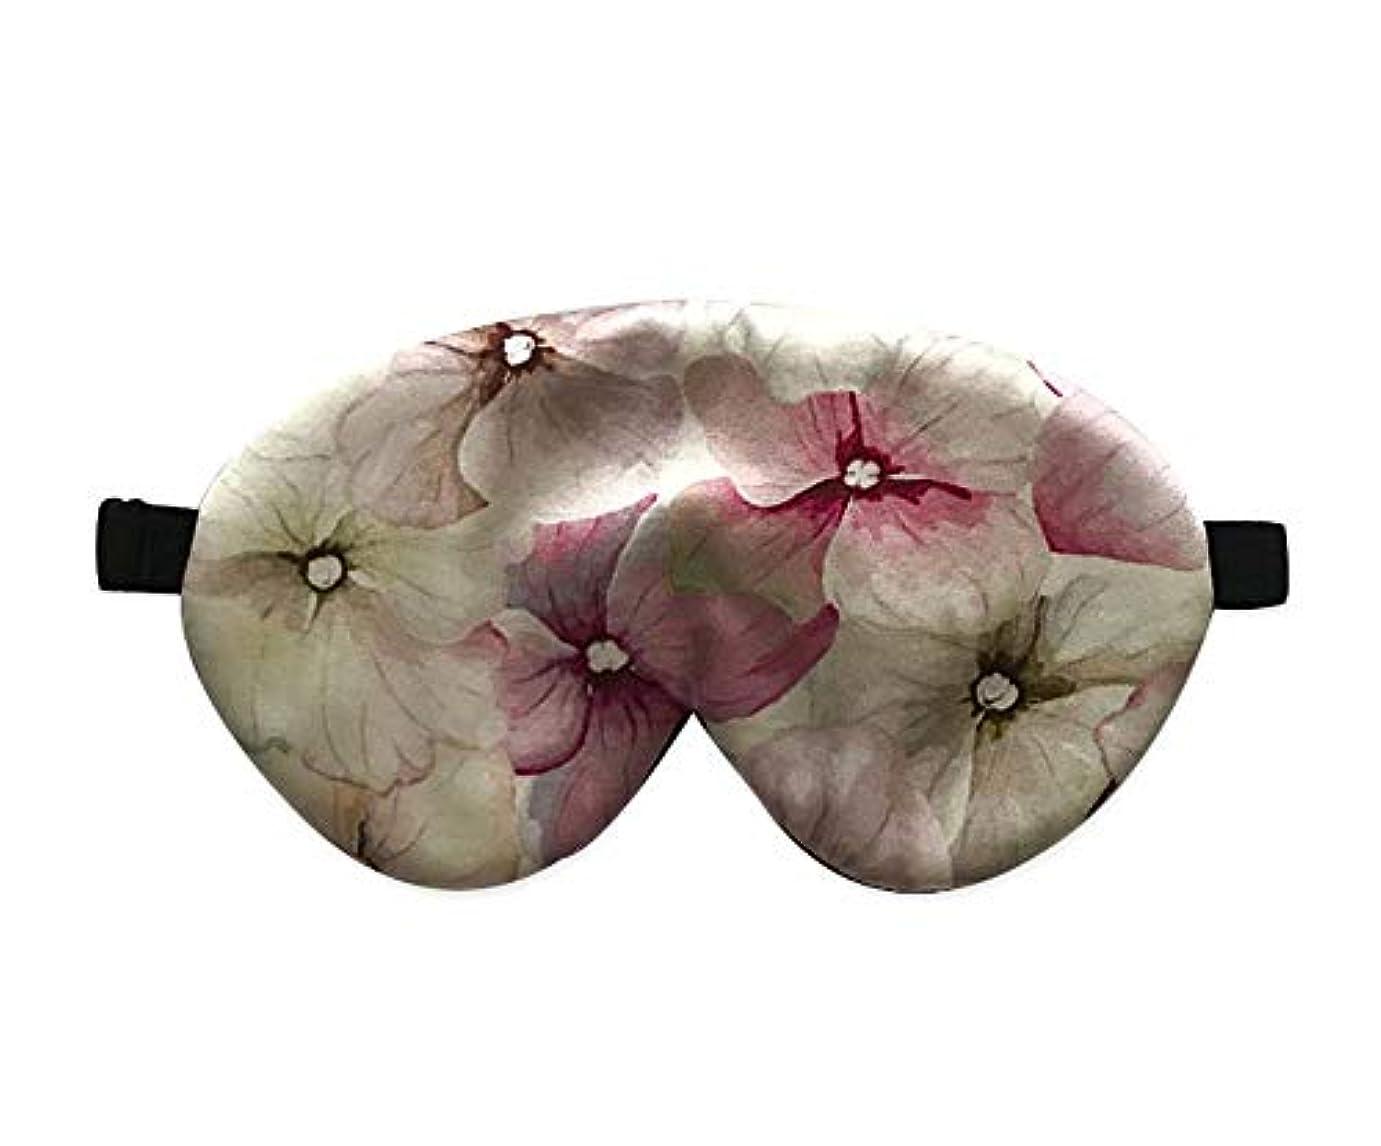 シャーロックホームズ研磨抽象化両面シルクアイマスク調節可能なストラップ付きのエレガントなアイシェードスリープアイマスク (魅力的な花)